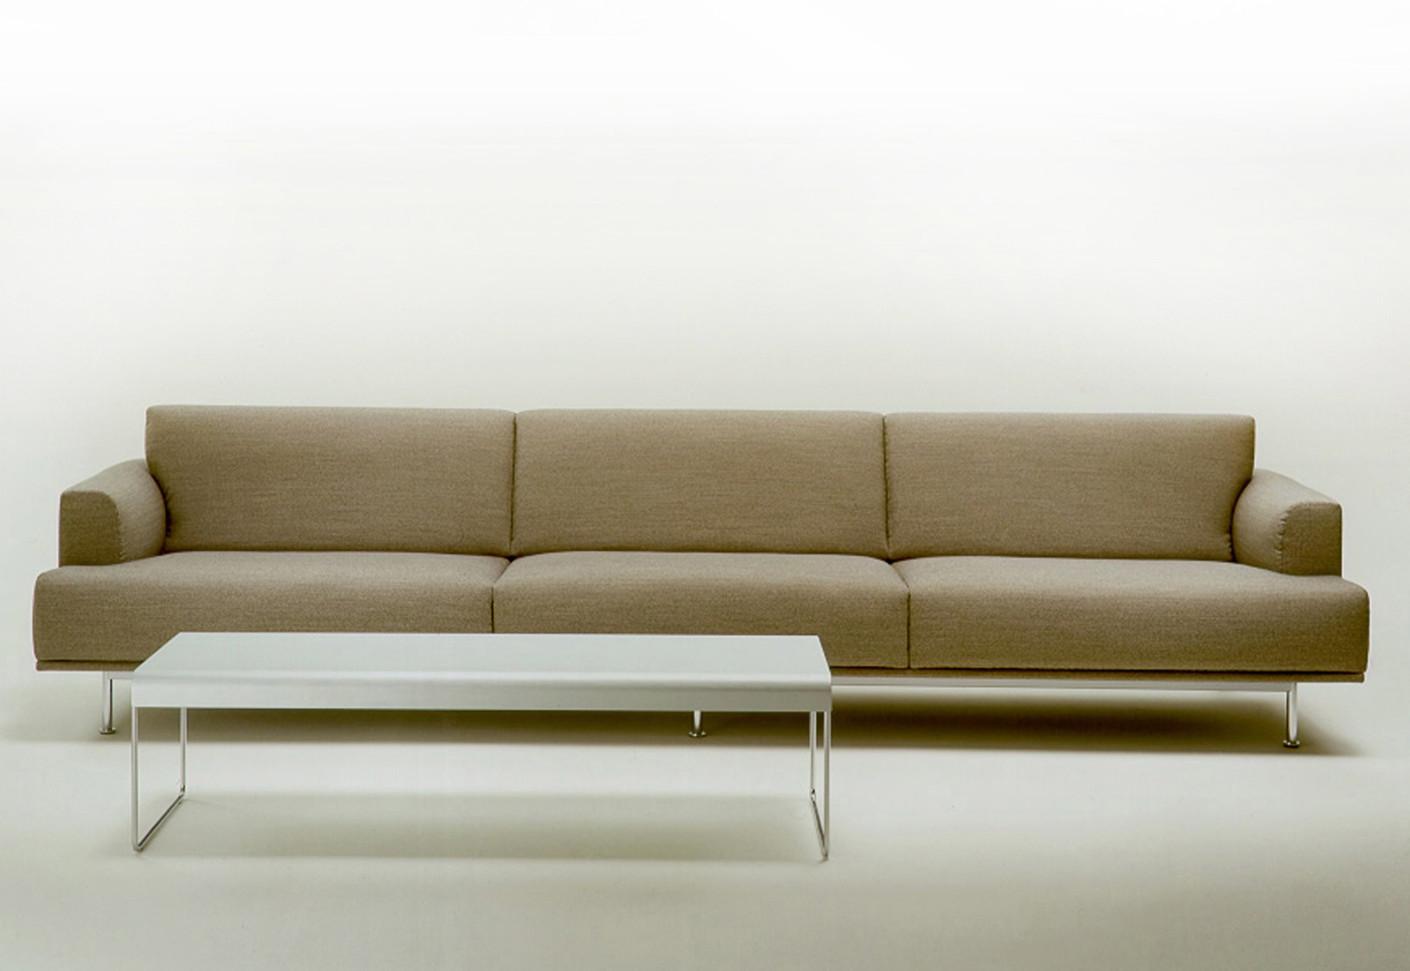 Nest 3 Seater Sofa By Cassina Stylepark